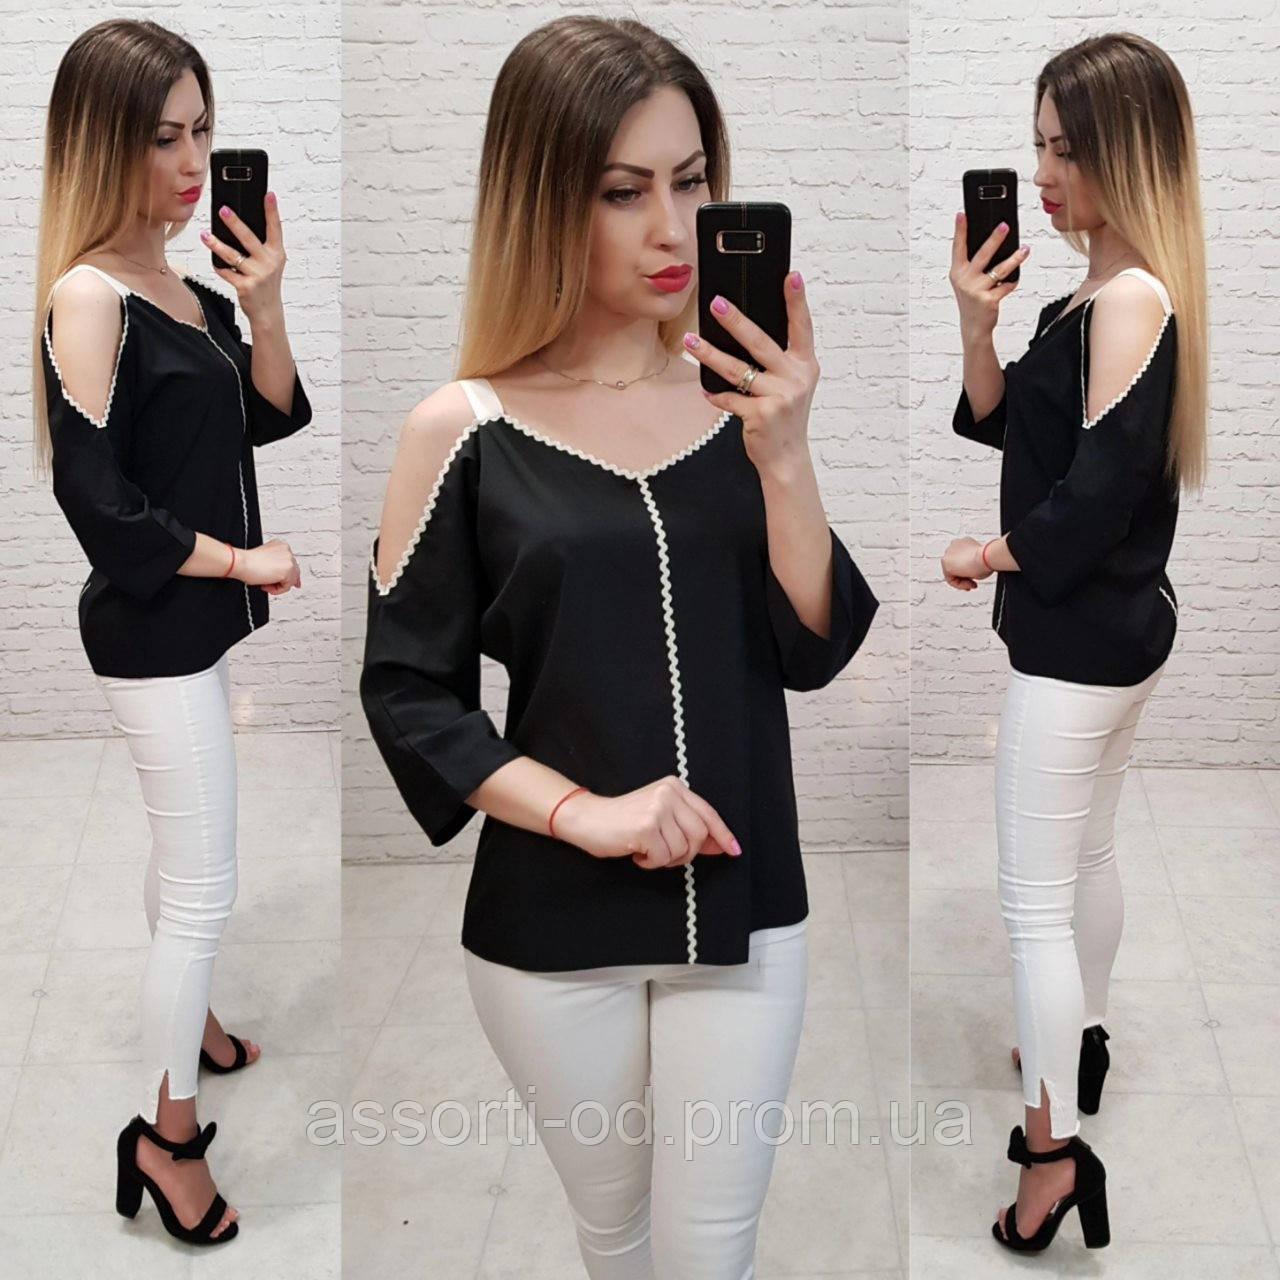 e7169e98a3332 Модная женская блуза! Цвет: черный, арт 0158, цена 330 грн., купить ...